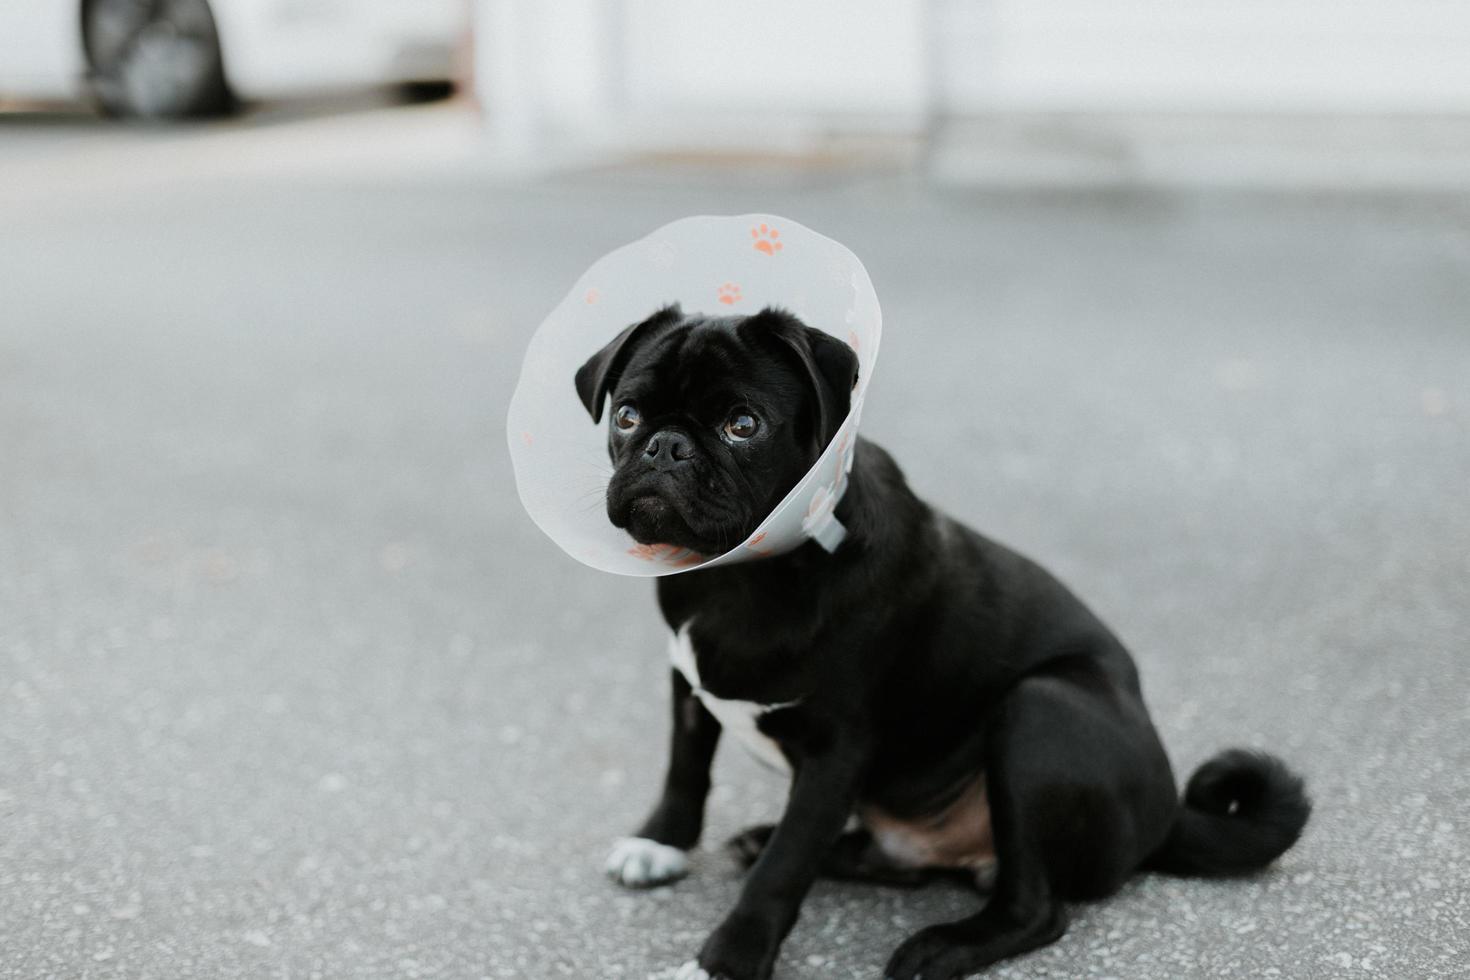 piccolo cane rivestito corto bianco e nero sul pavimento di cemento grigio foto